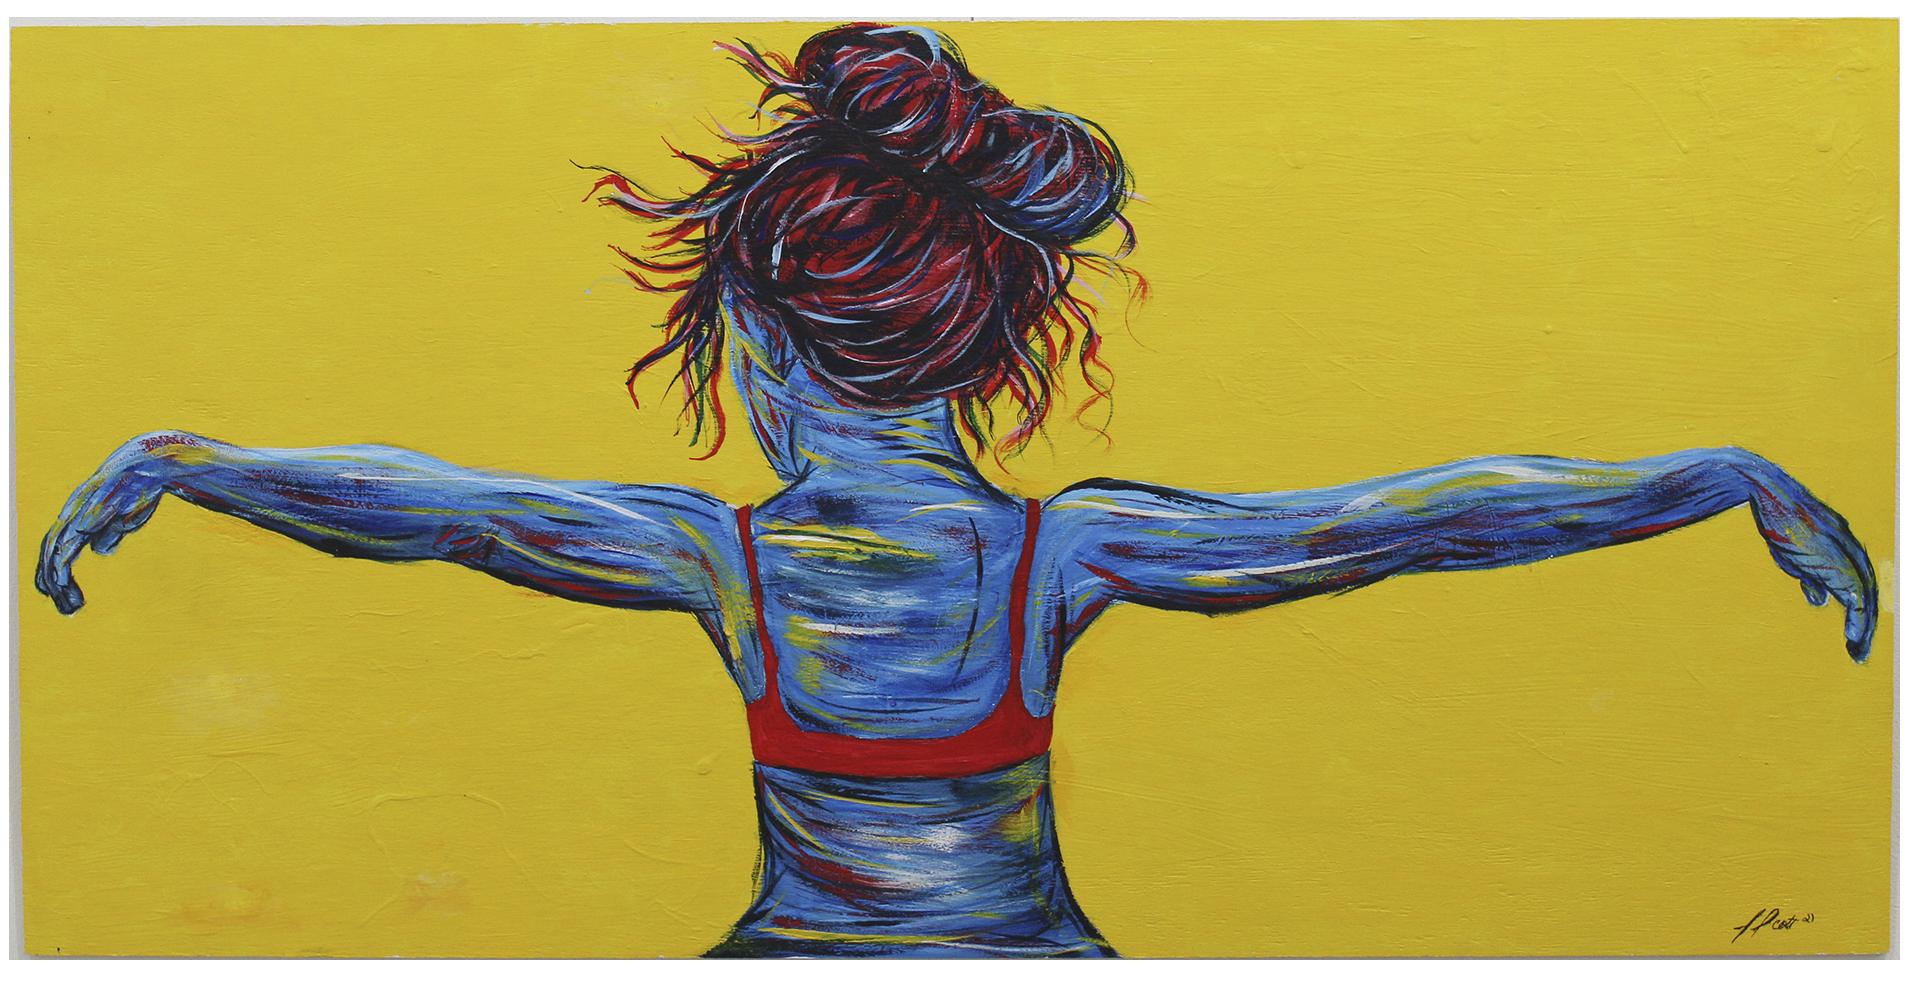 Recapturing Freedom 1 - acrylic paint